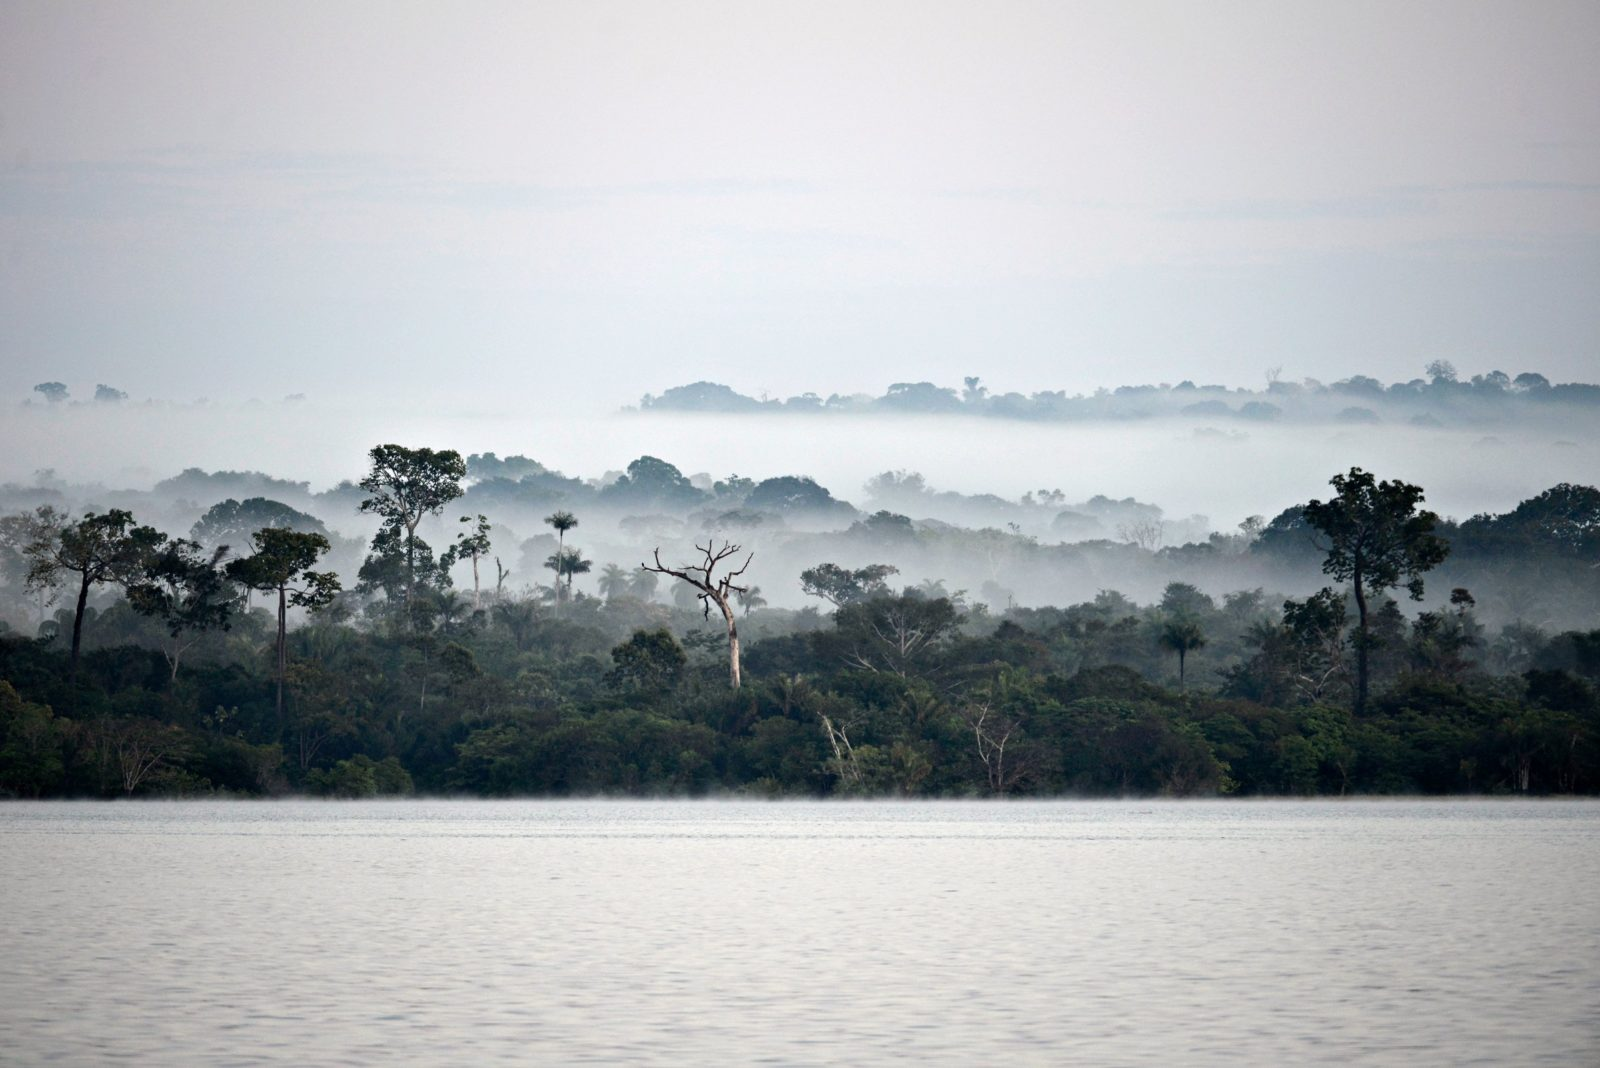 Molnig regnskog vid vatten, Rio Tapajos Brasilien